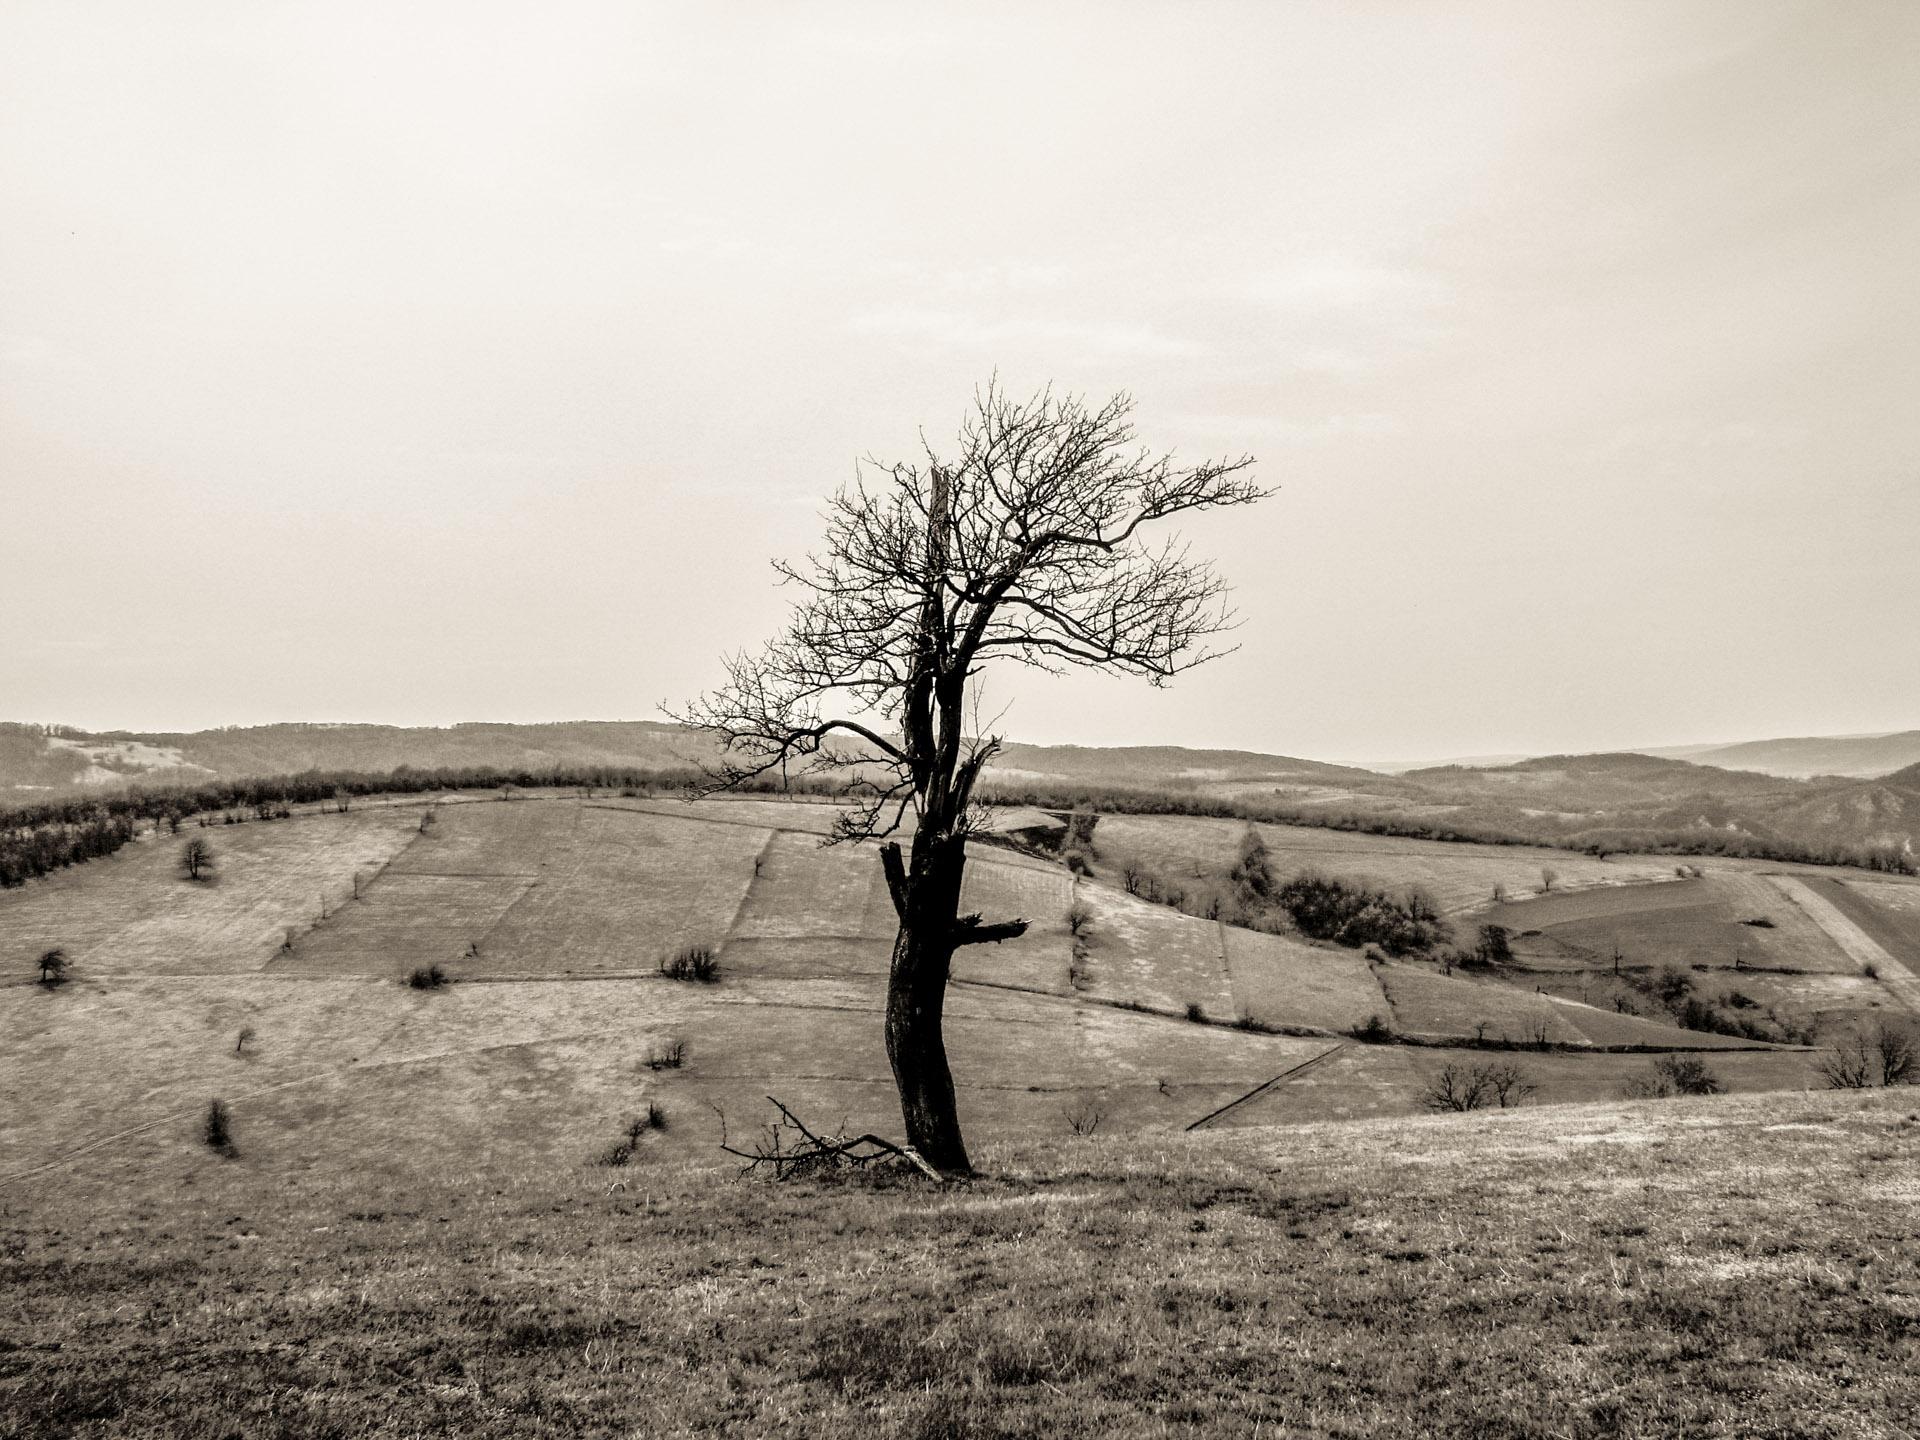 Předchozí galerie => Ze života stromů (II) // Petr Nuska - Fotografie  - woreshack.cz